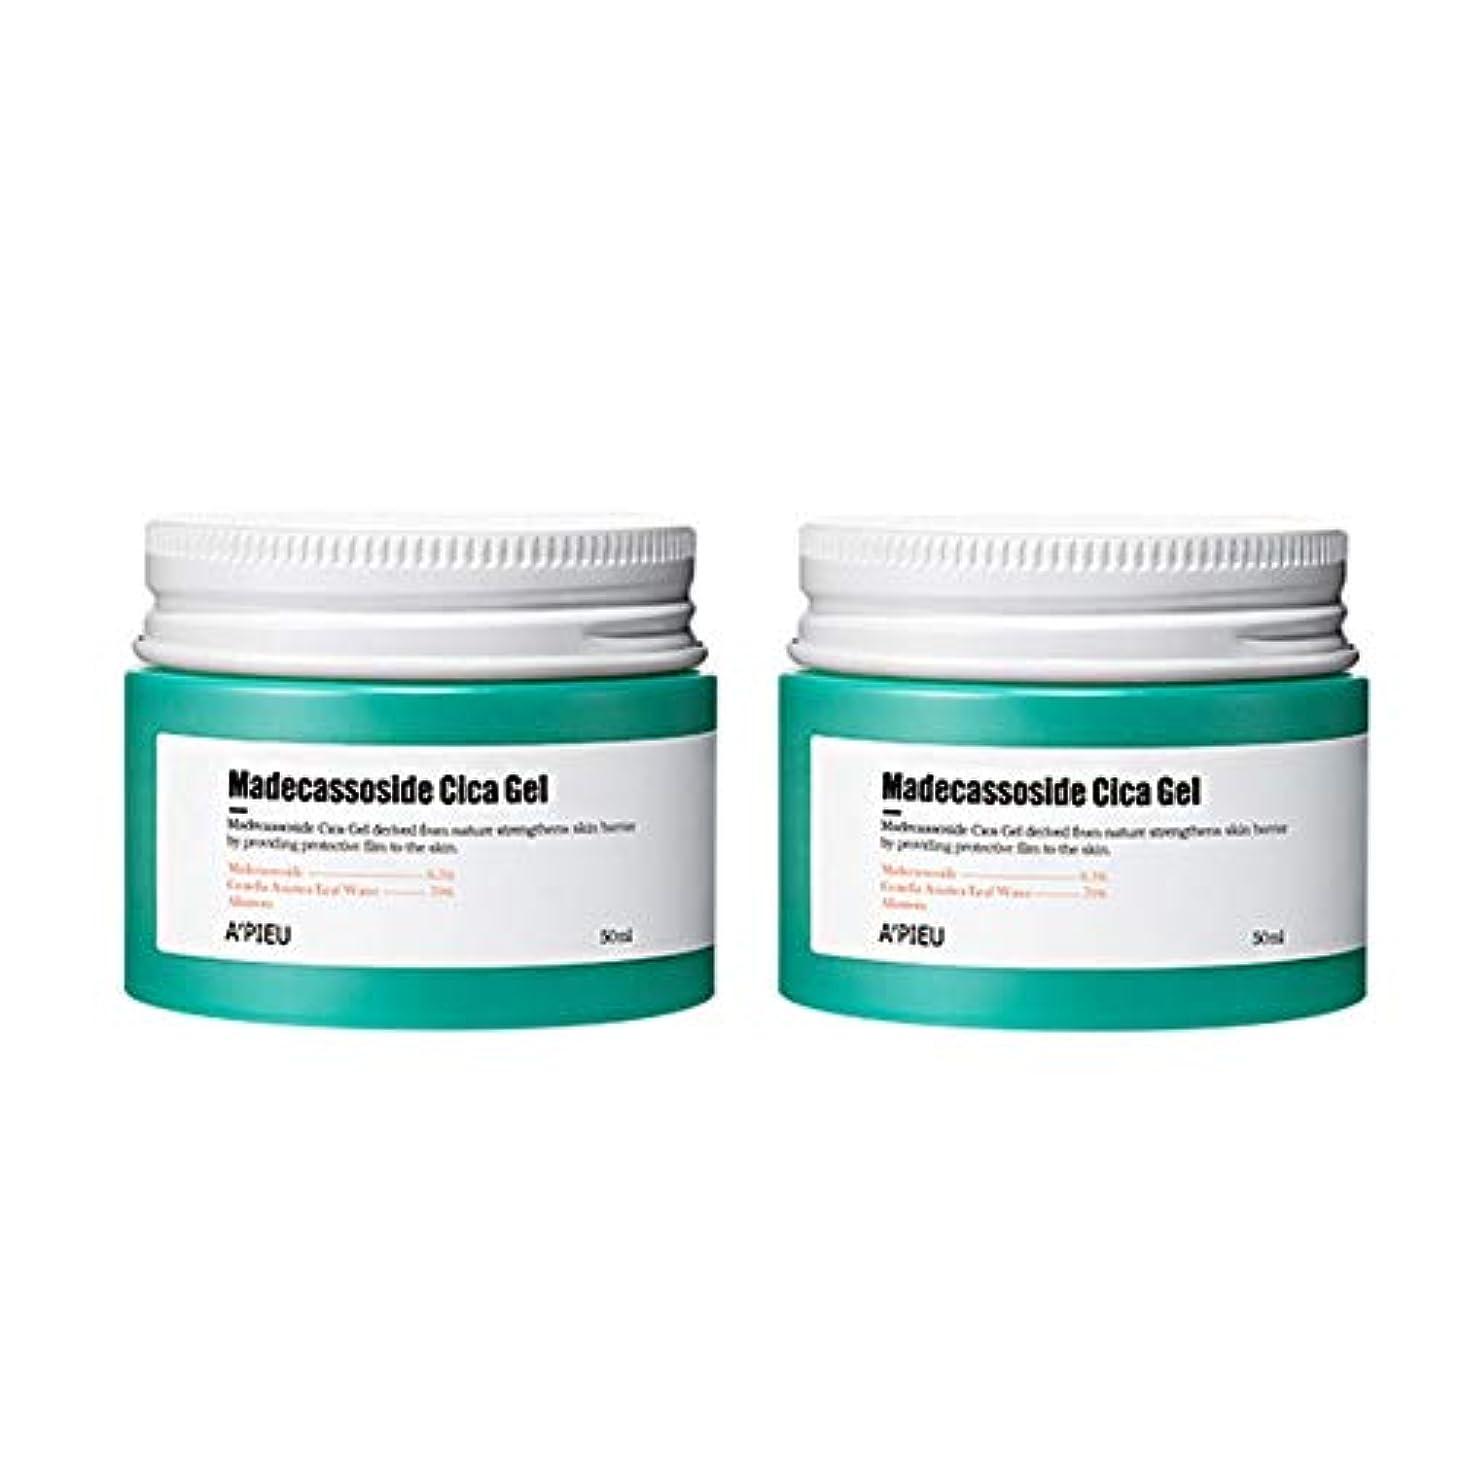 純粋な休日に使役オピュマデカソサイドシカゲル50ml x2本セット皮膚の損傷の改善、A'pieu Madecassoside Cica Gel 50ml x 2ea Set Skin Damage Care [並行輸入品]